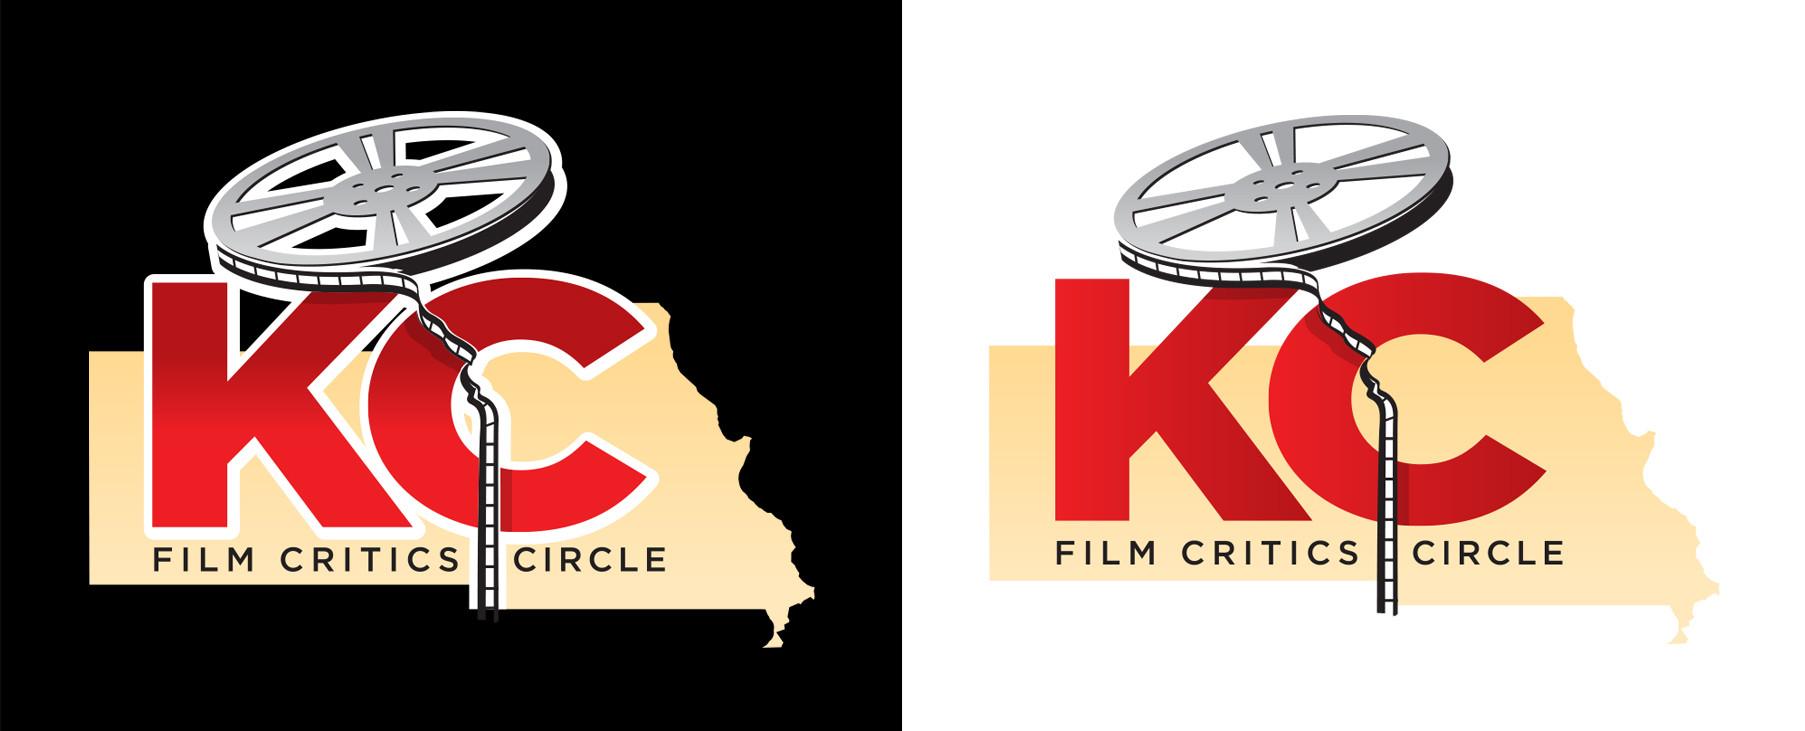 KCfilmcriticscircle.jpg